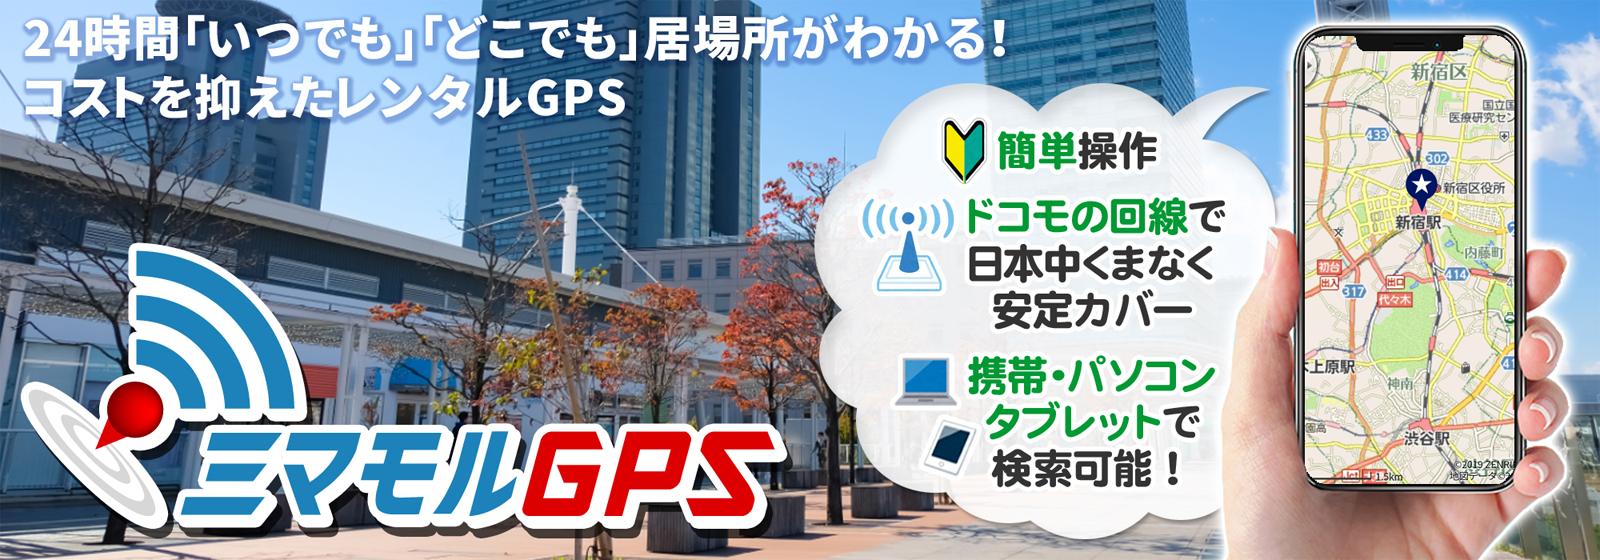 ミマモルGPS:防犯用、介護用のGPS端末レンタルサービスの「ミマモルGPS」です